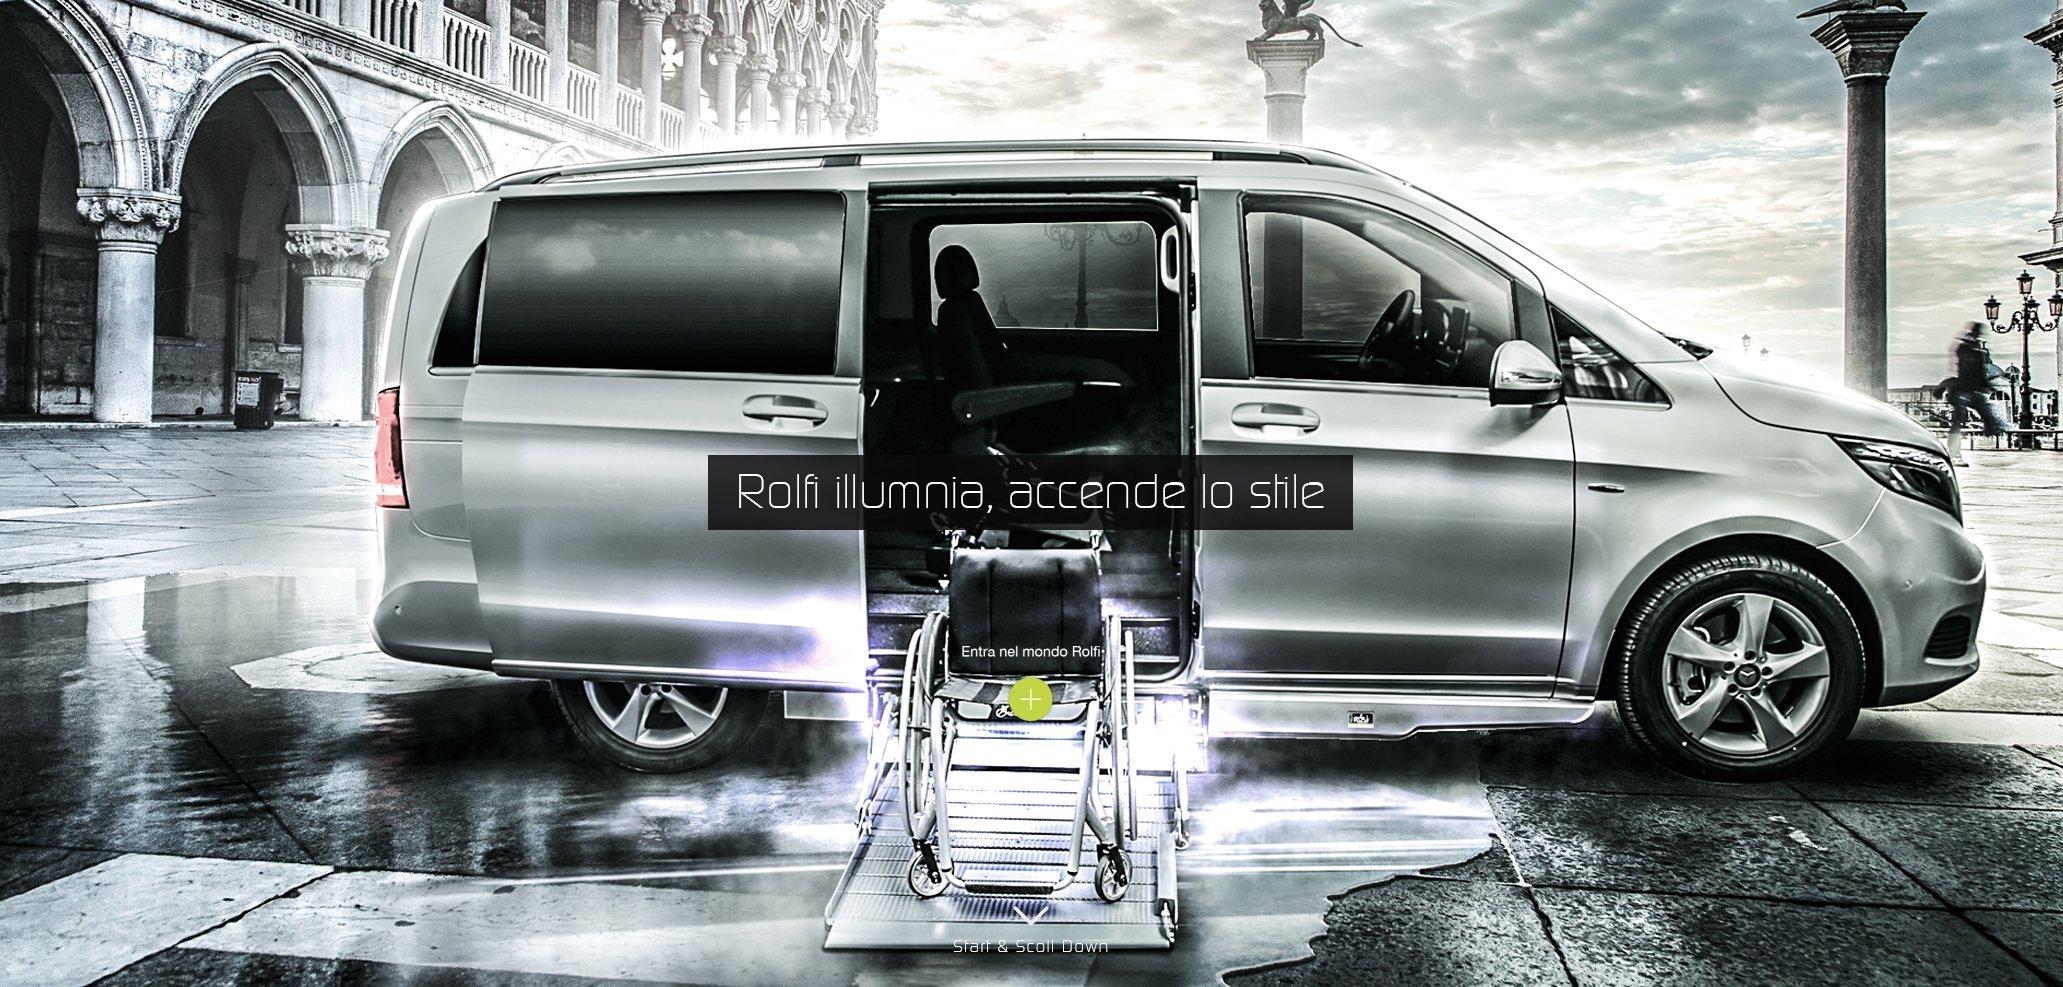 allestimento veicoli speciali per disabili